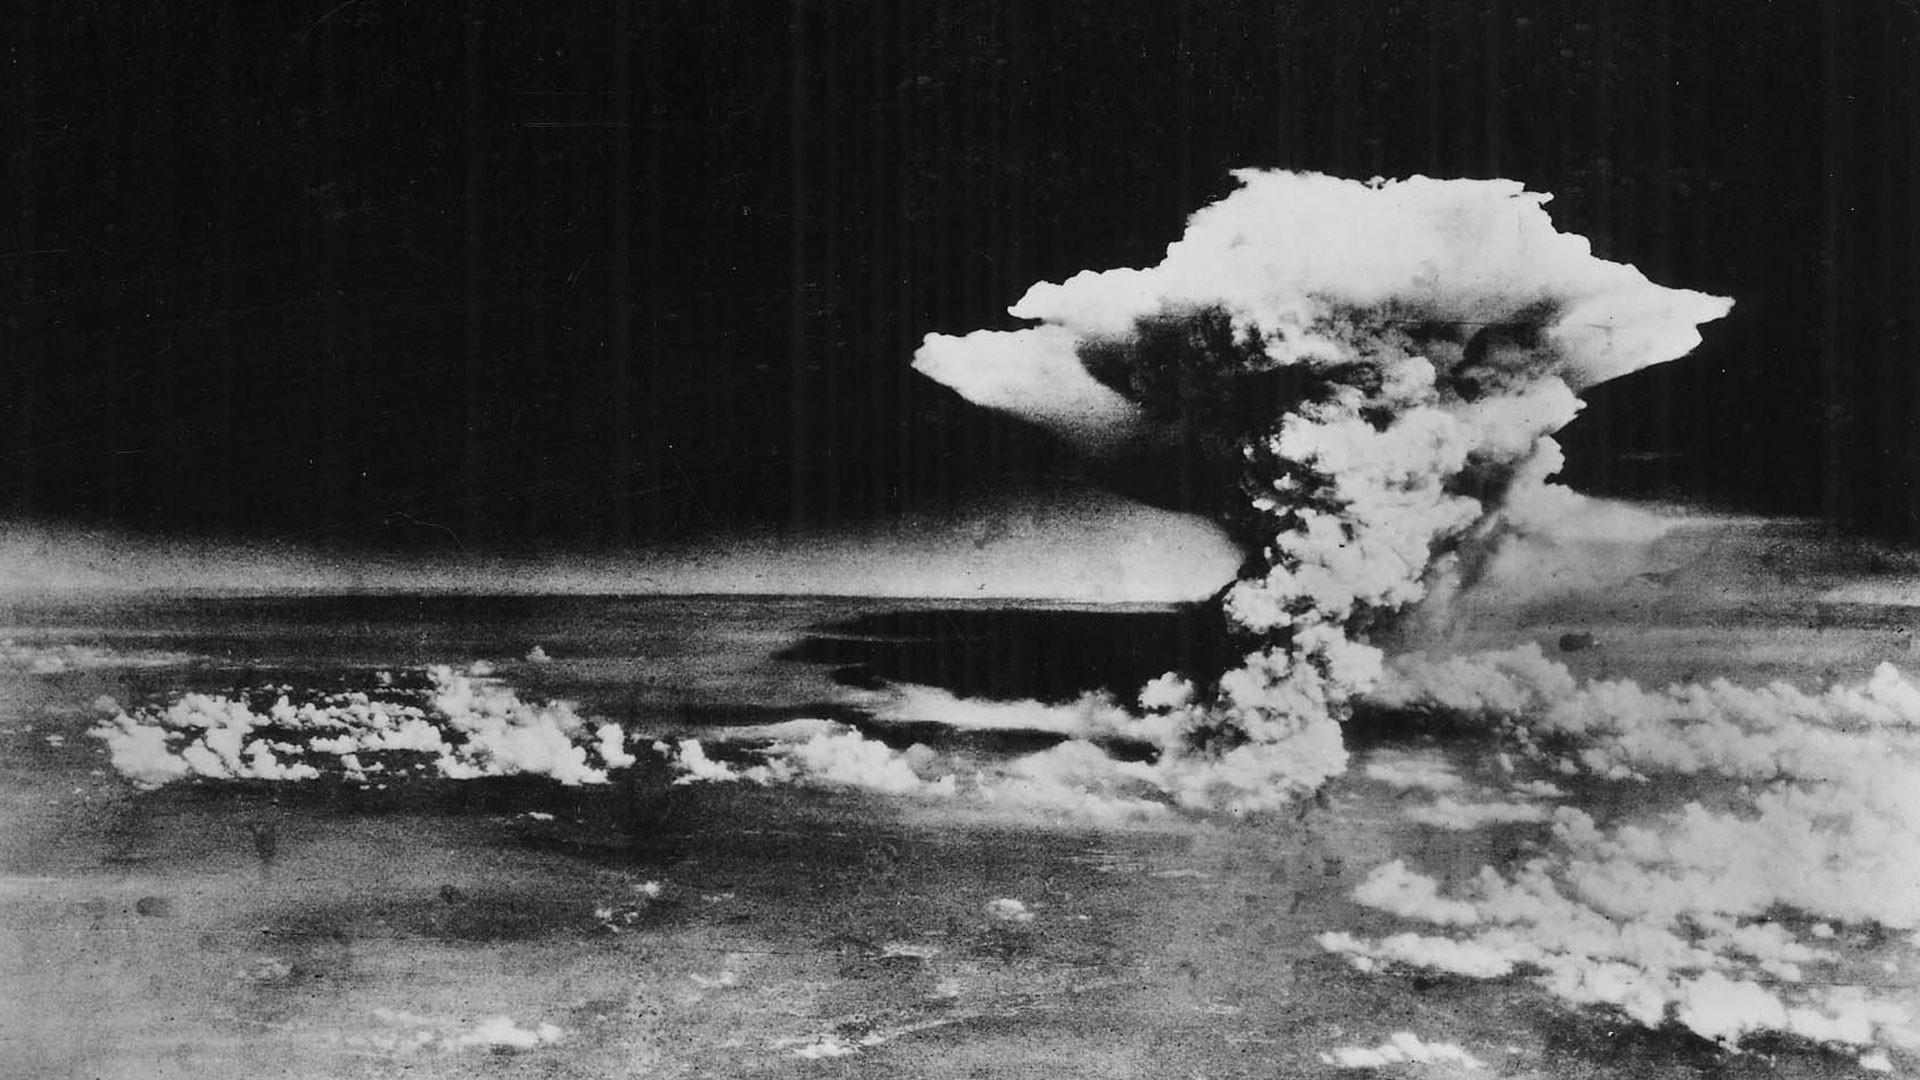 Фото: © Hiroshima Peace Memorial Museum/U.S. Army via AP